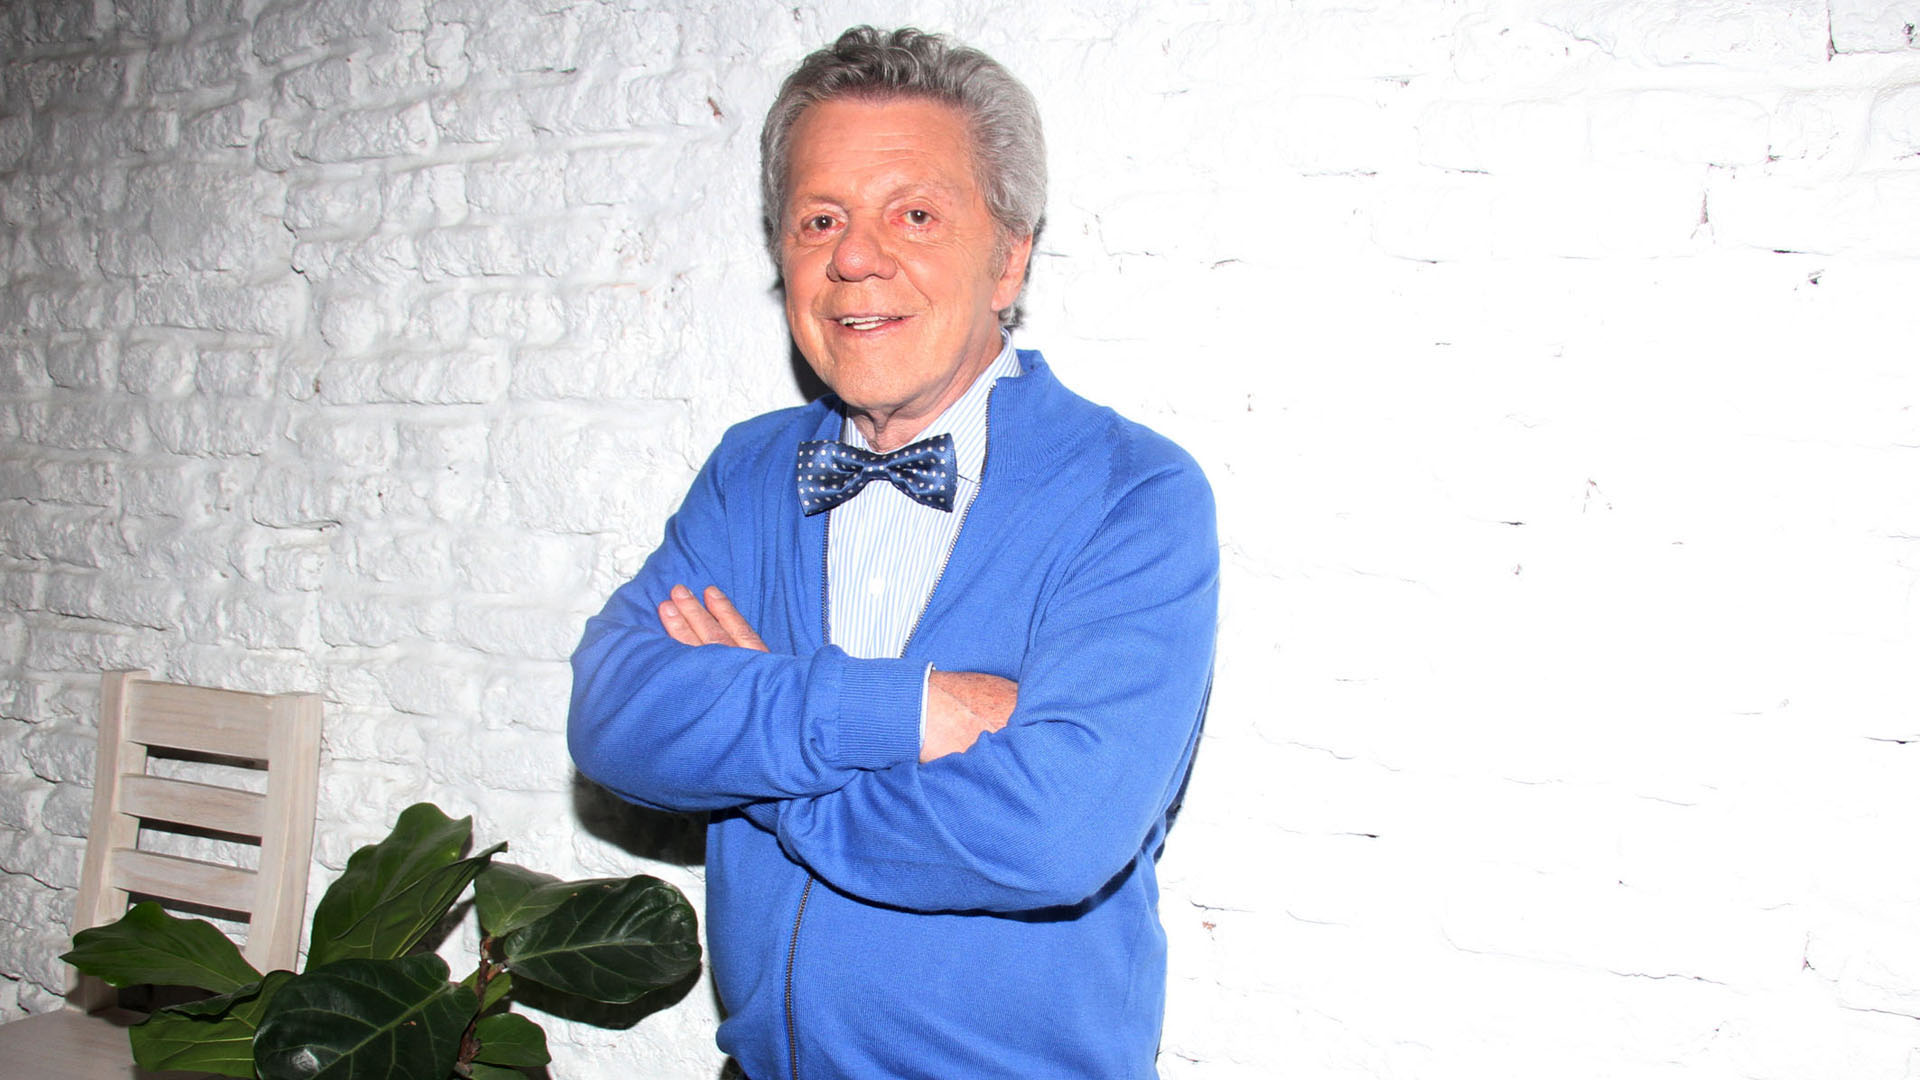 Emilio Disi murió a los 75 años en el Instituto Fleming, luego de una extensa lucha contra un cáncer de pulmón. El humorista desarrolló una extensa carrera artística en teatro, cine y televisión